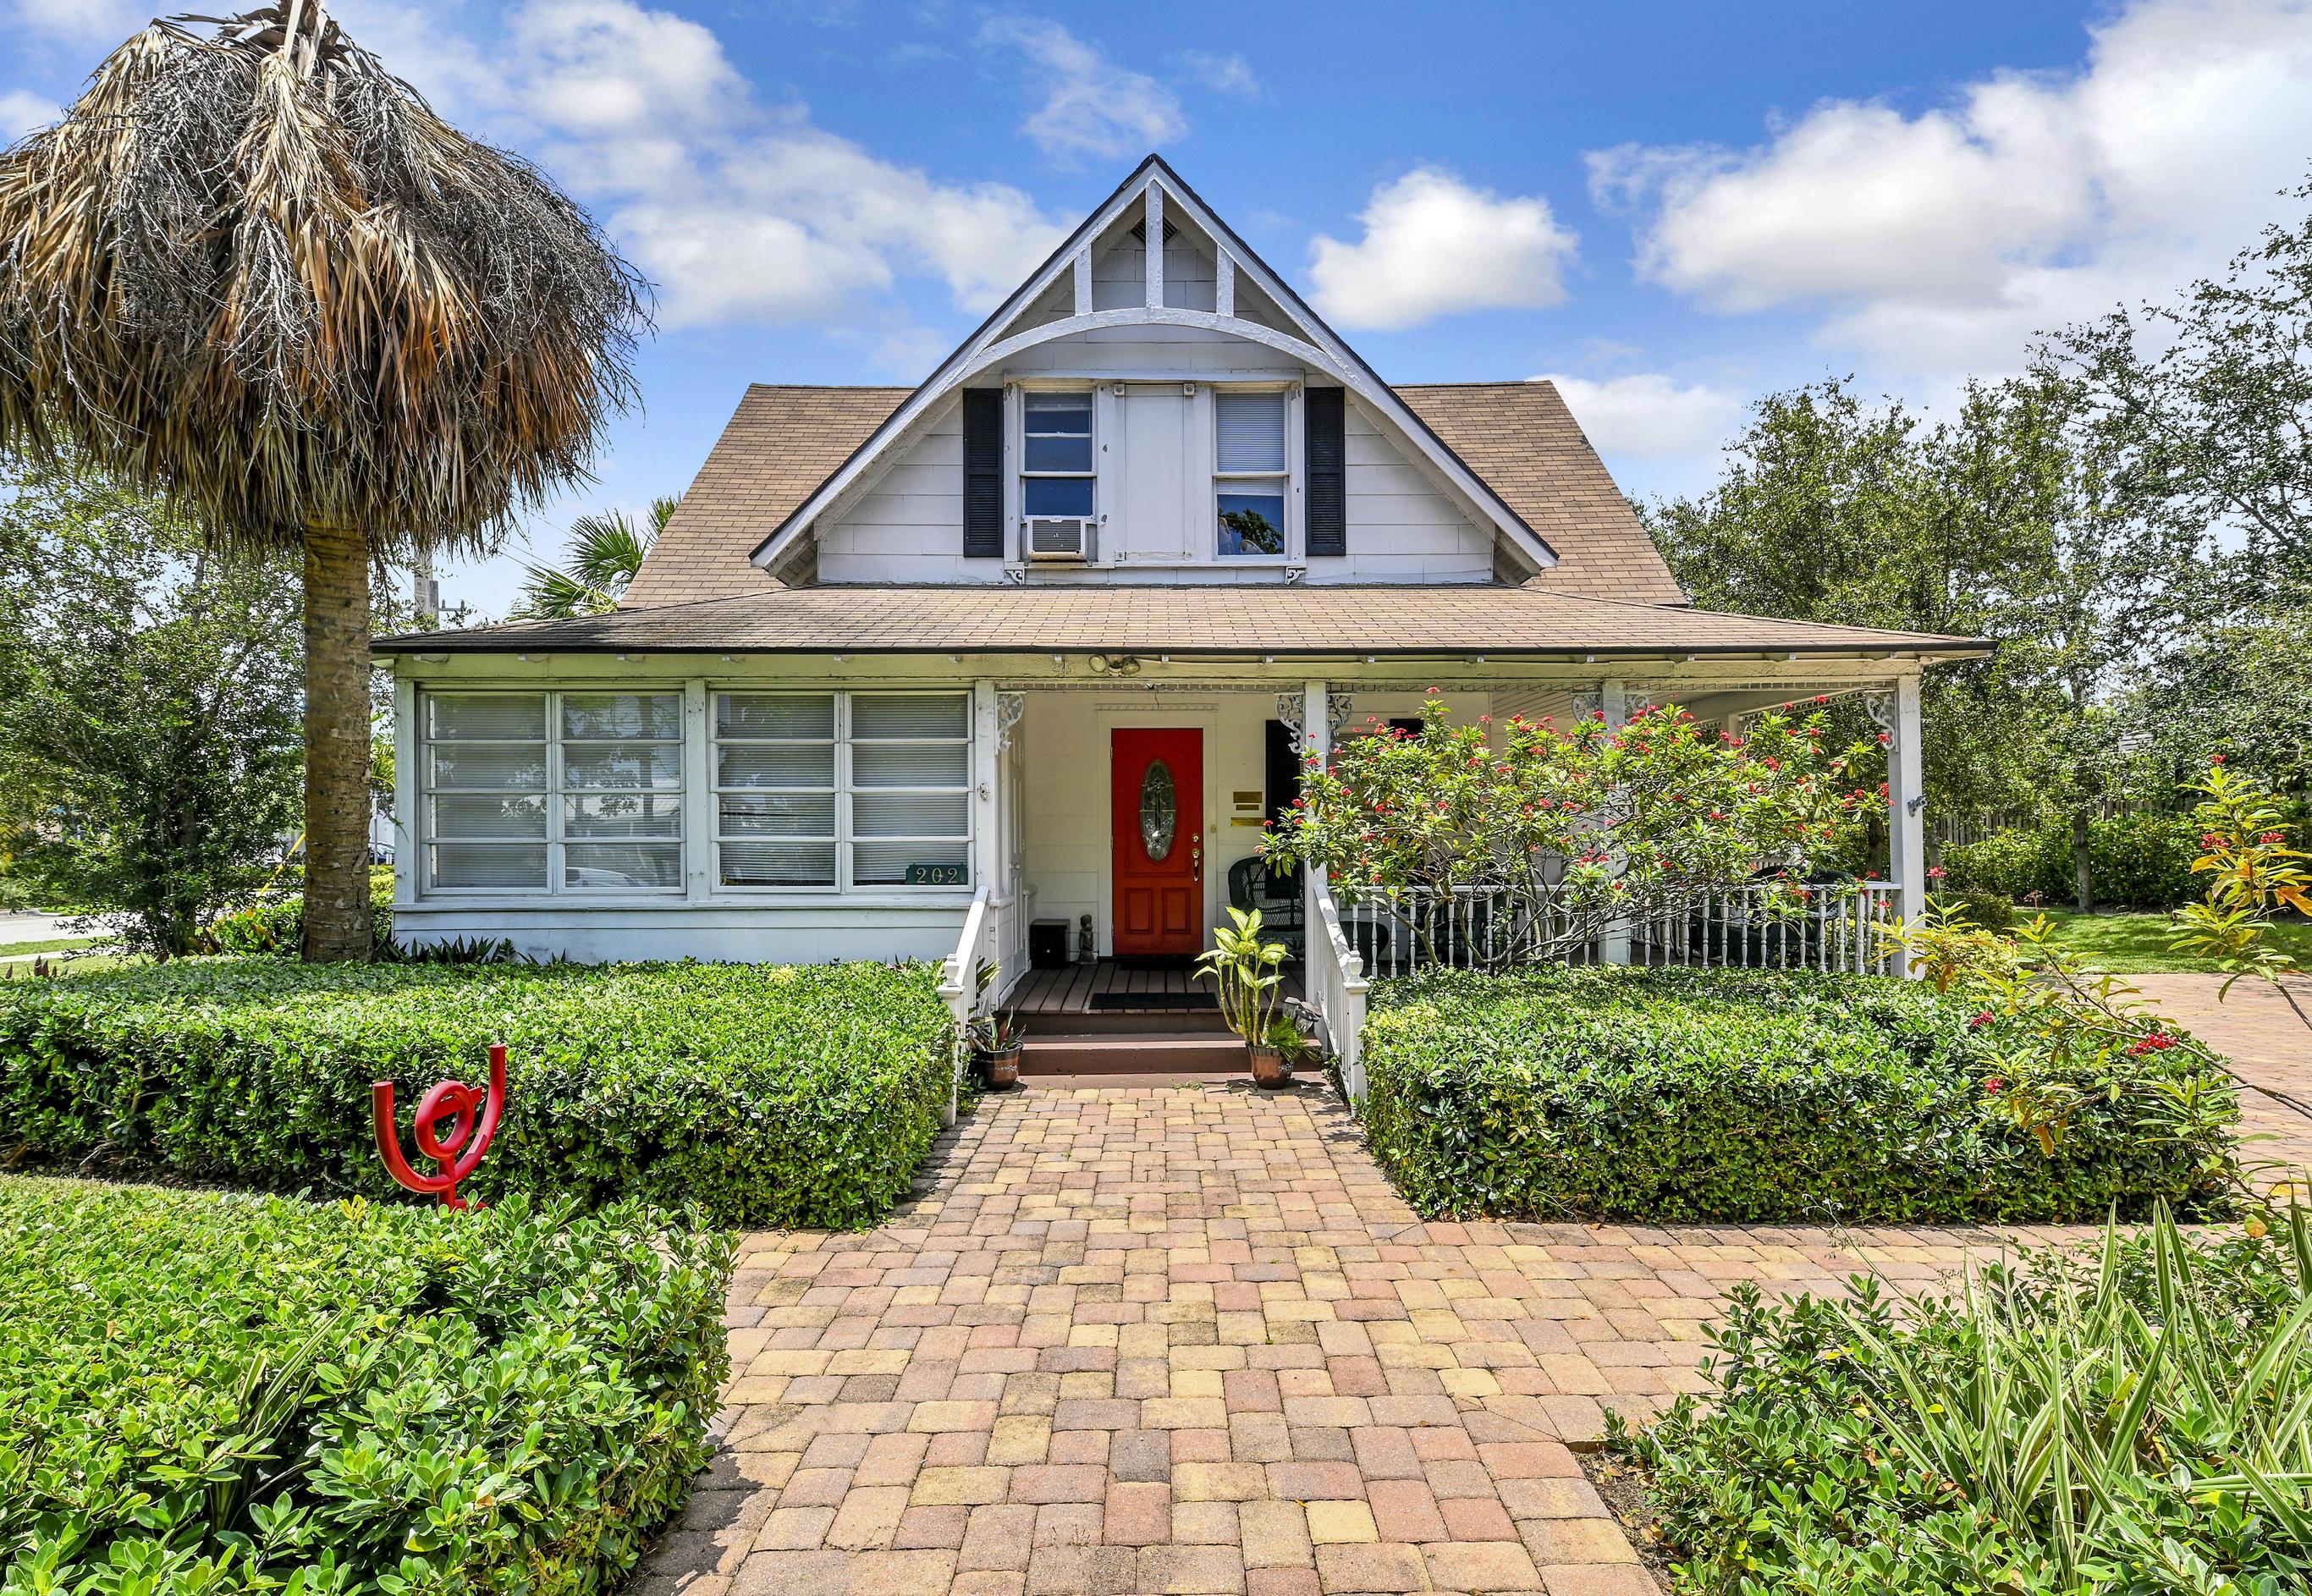 202 Swinton Avenue, Delray Beach, Florida 33444, ,4 BathroomsBathrooms,Commercial Industrial,For Sale,Swinton,RX-10733664